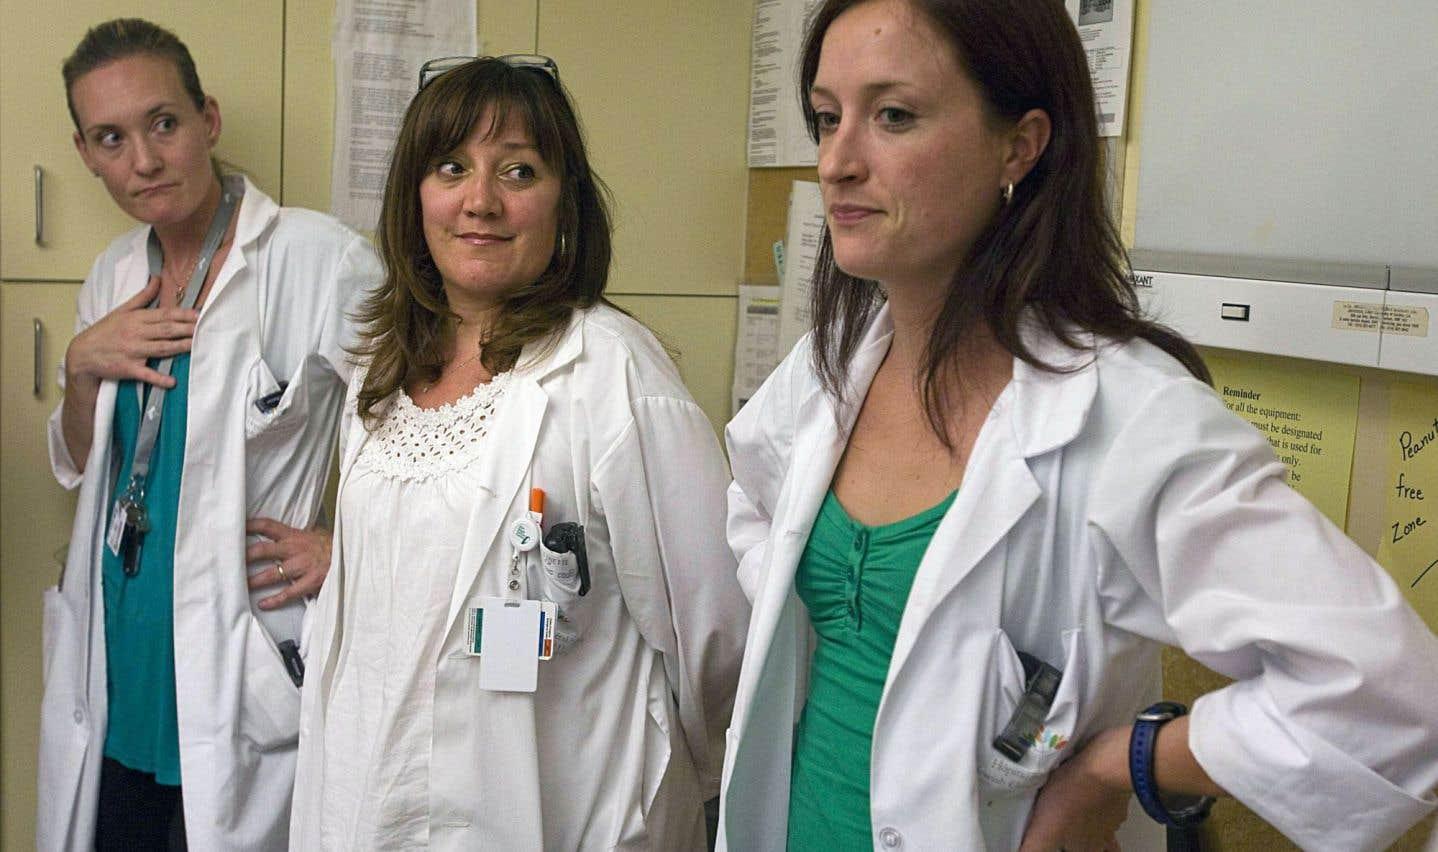 Les infirmières répètent ad nauseam, depuis plusieurs années, qu'il serait possible d'améliorer le système de santé et de rendre le réseau plus performant en misant davantage sur laprévention.